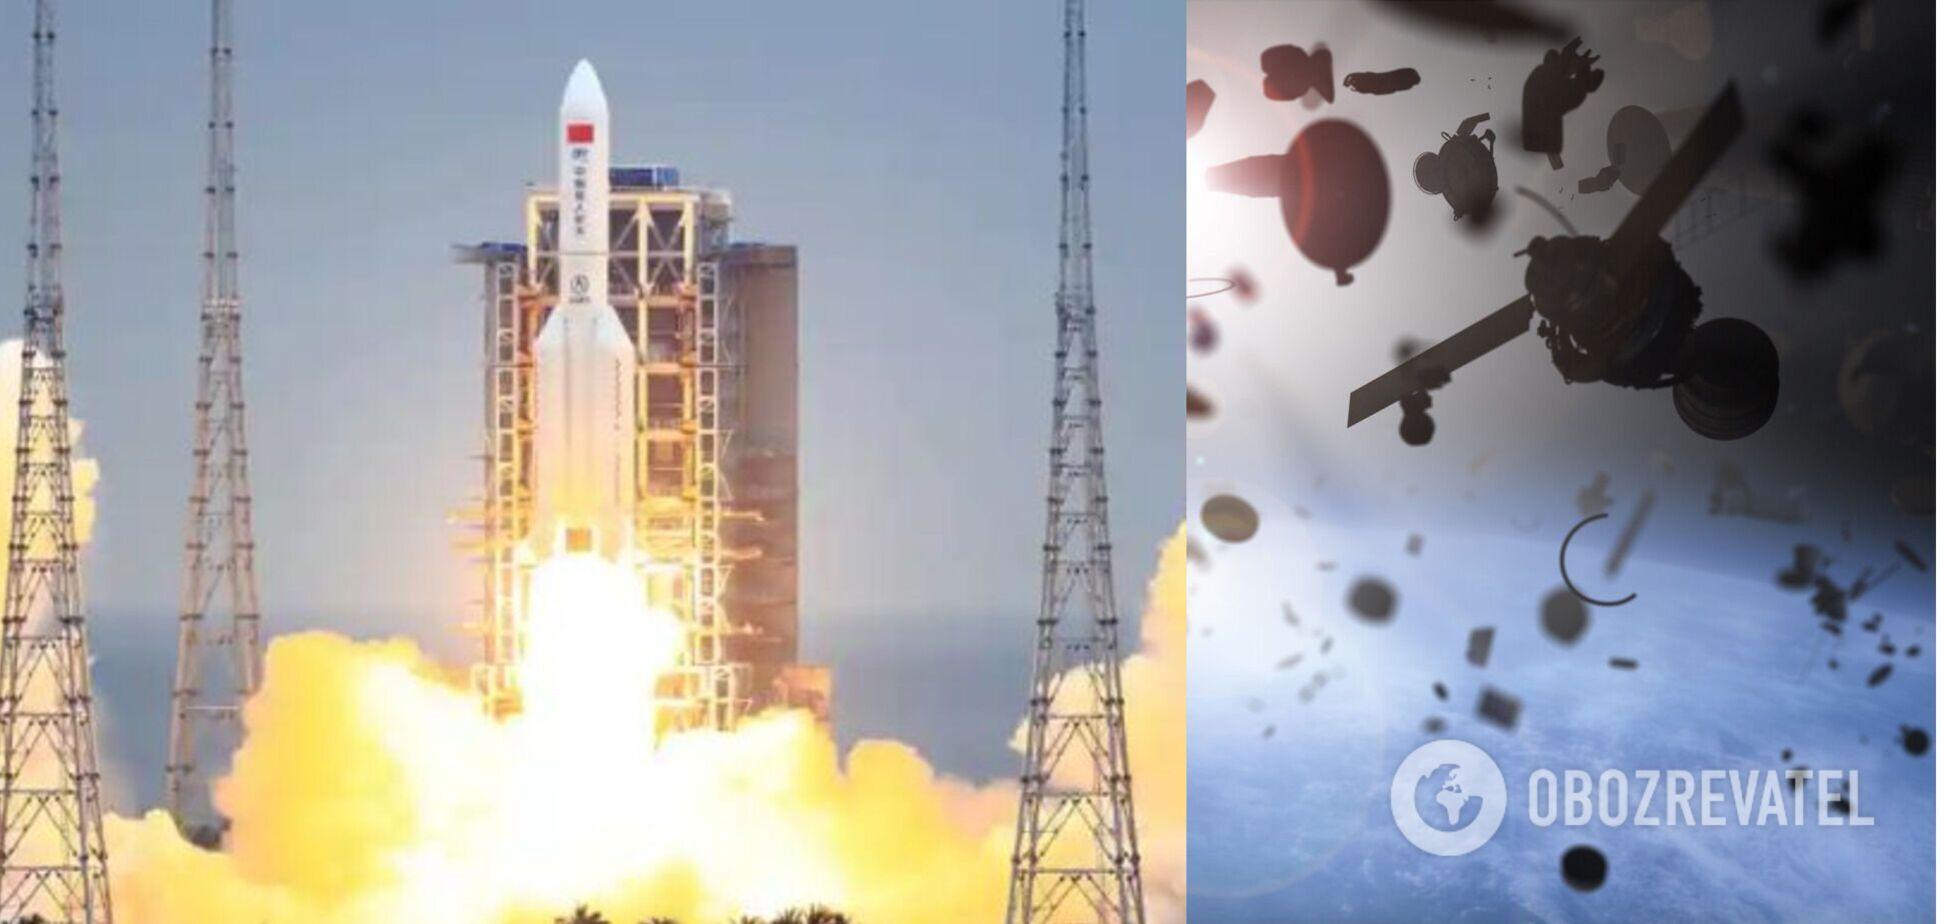 Падіння на Землю некерованої китайської ракети: оприлюднено новий прогноз